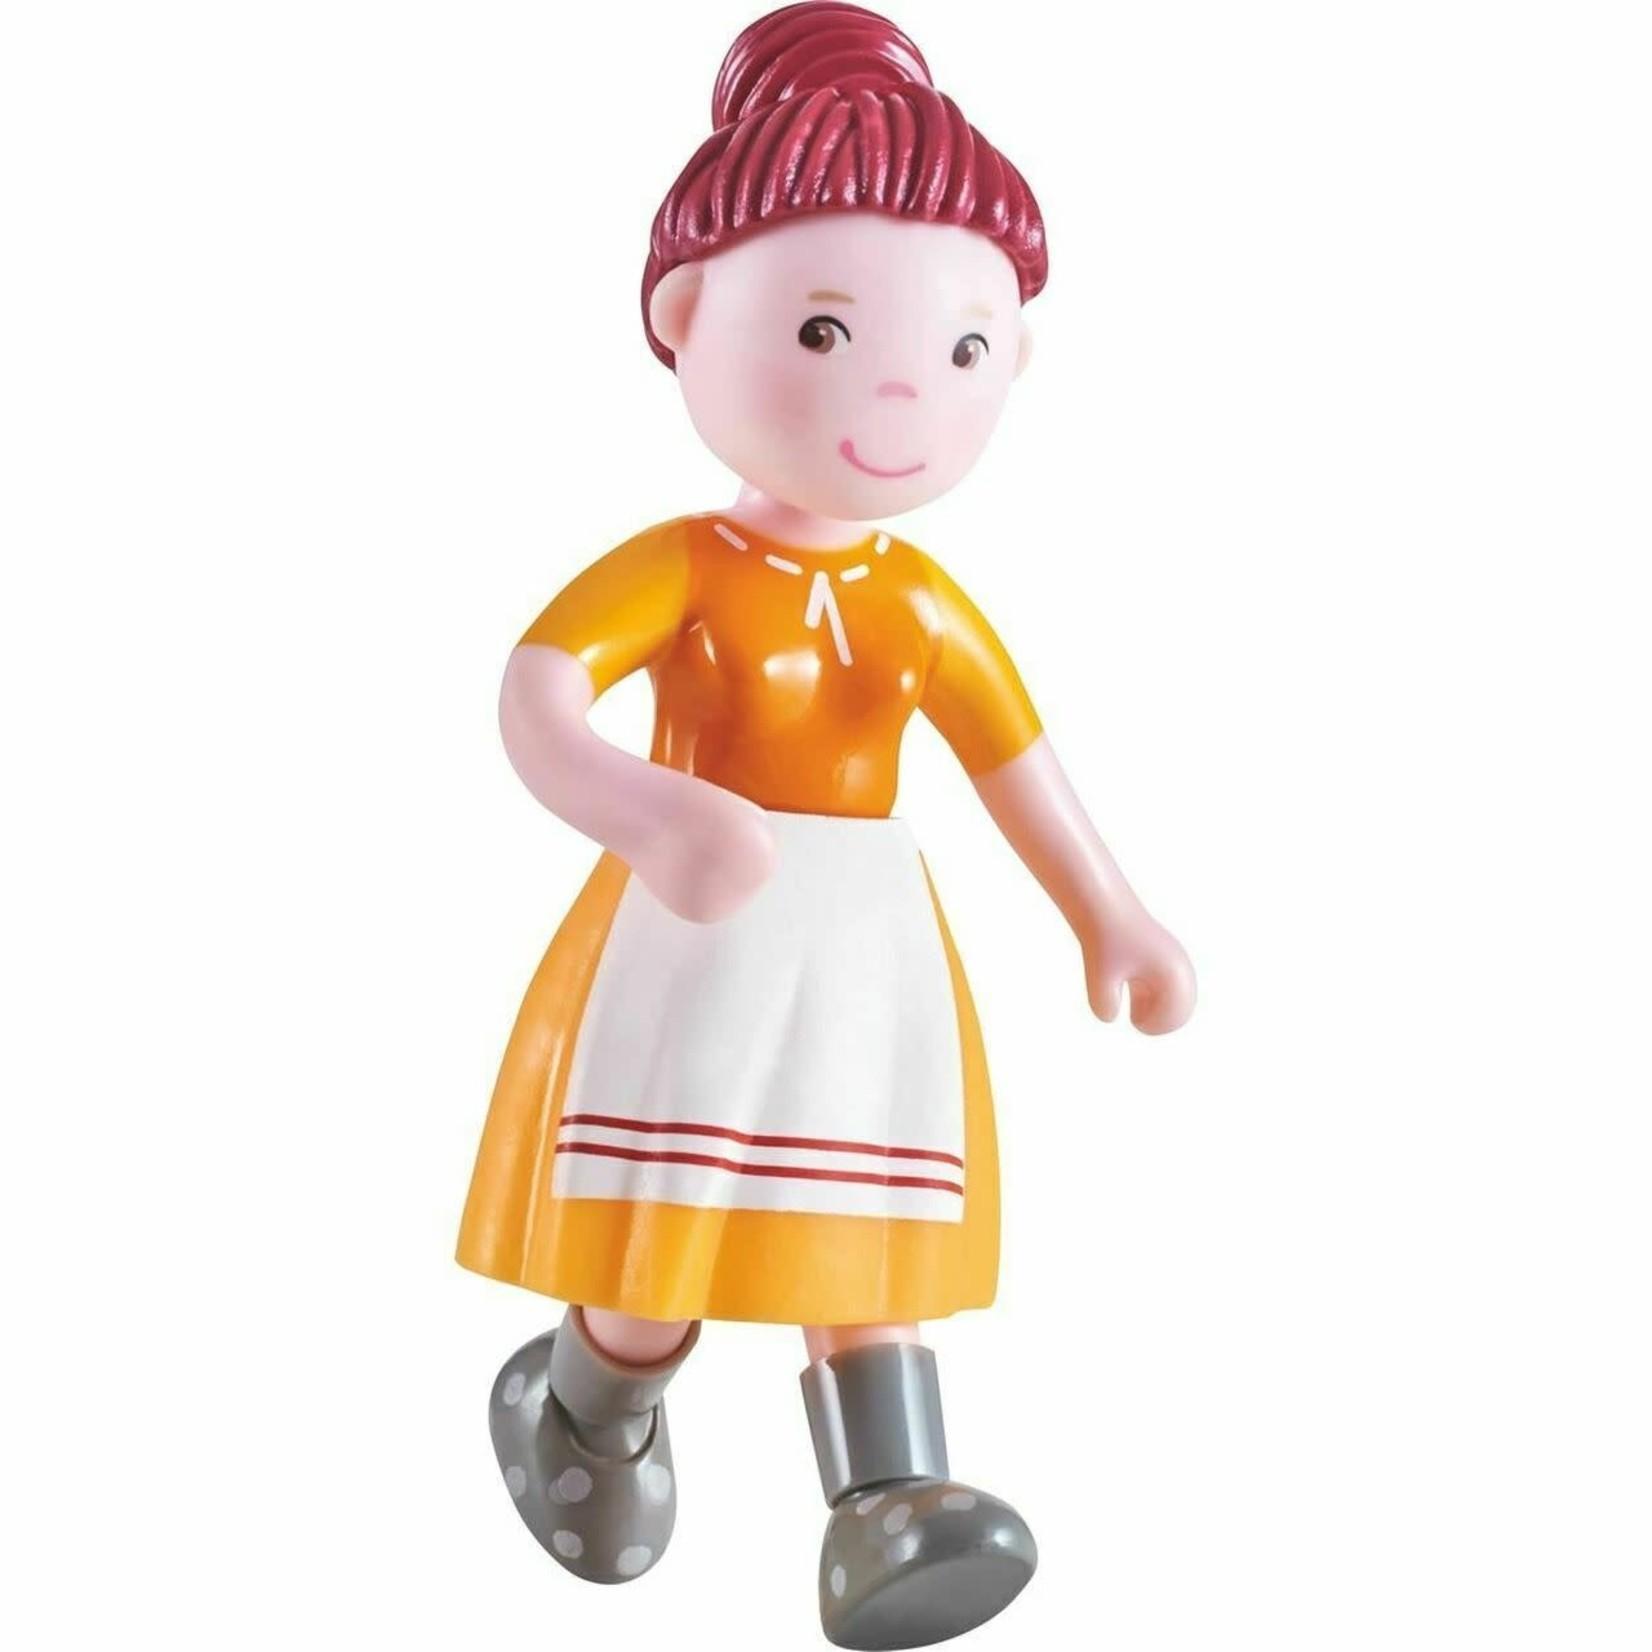 Haba Little Friends - Farmer Johanna